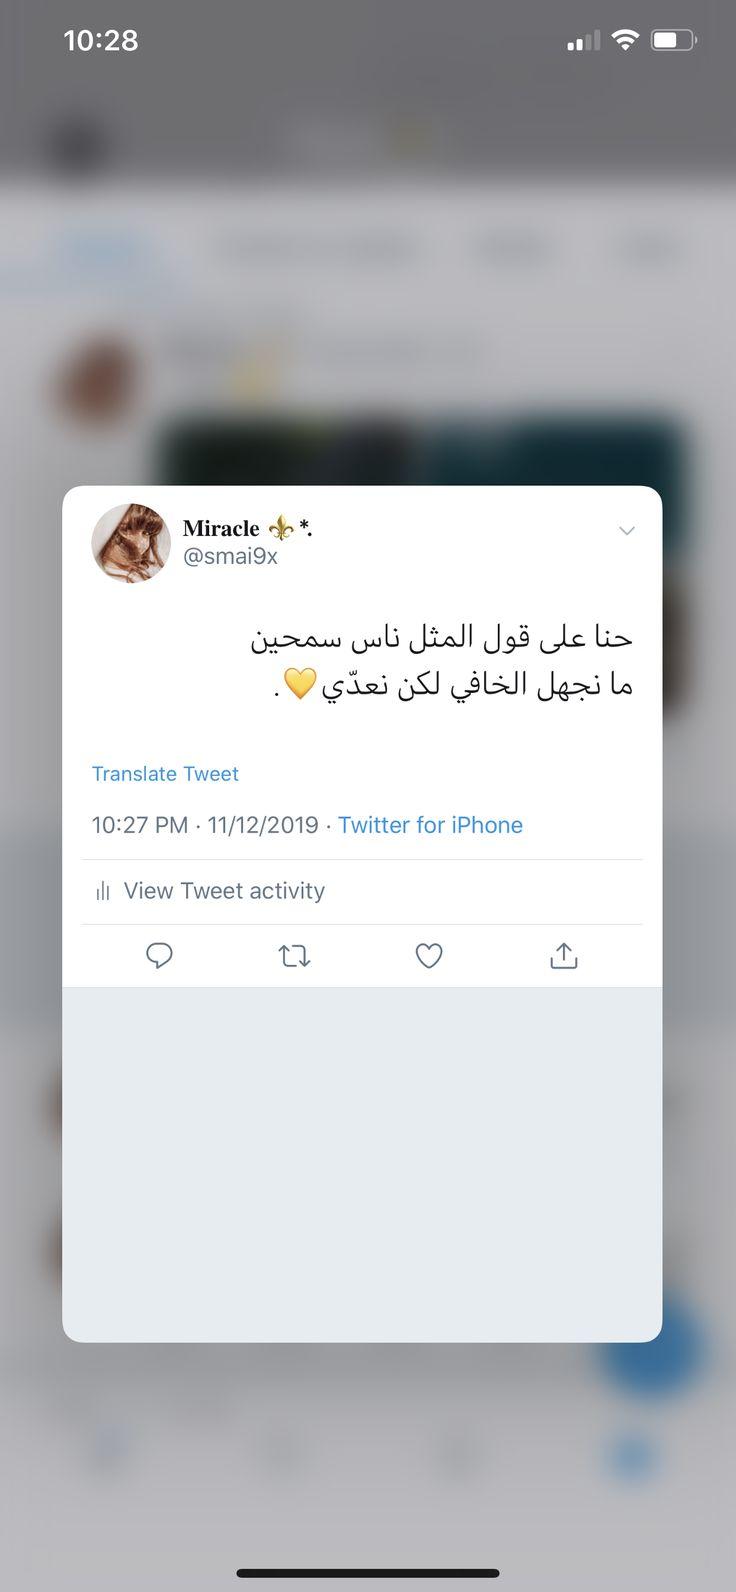 كلام الحب Klam El7ub Love Smile Quotes